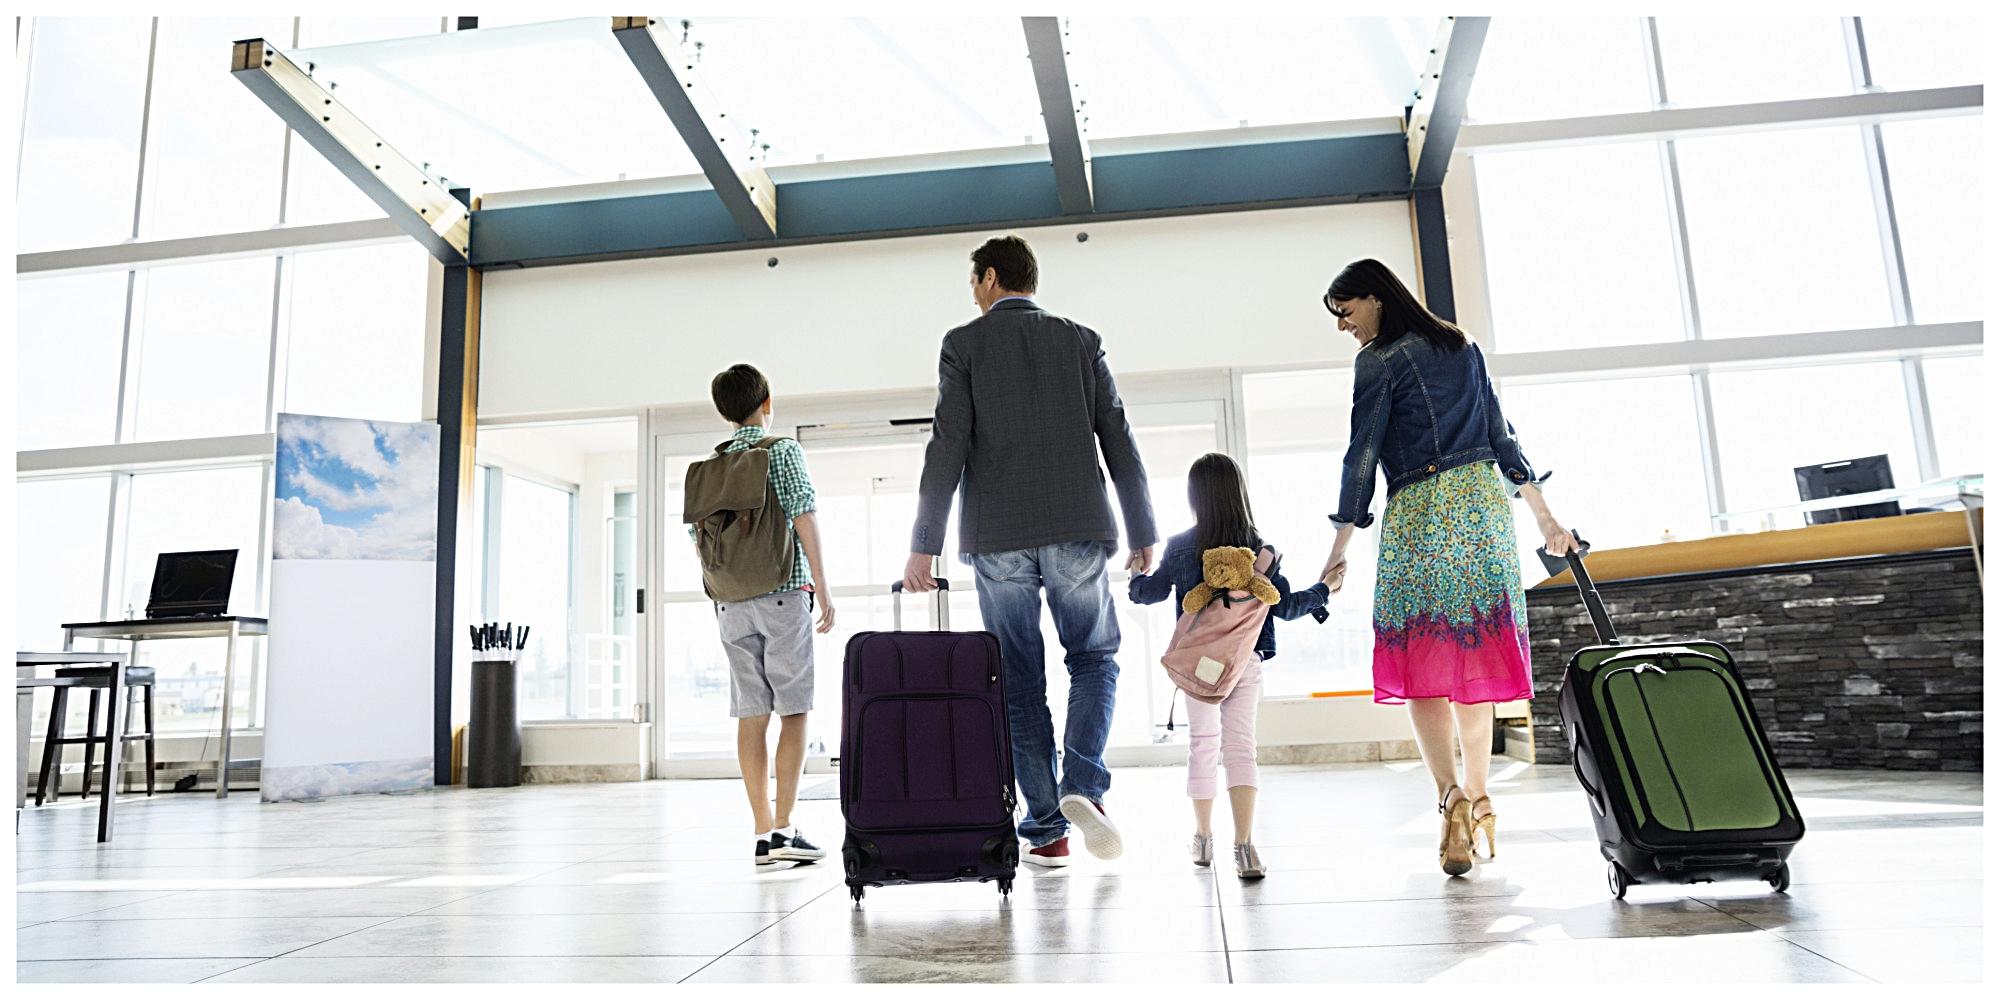 Airport leaving .jpg